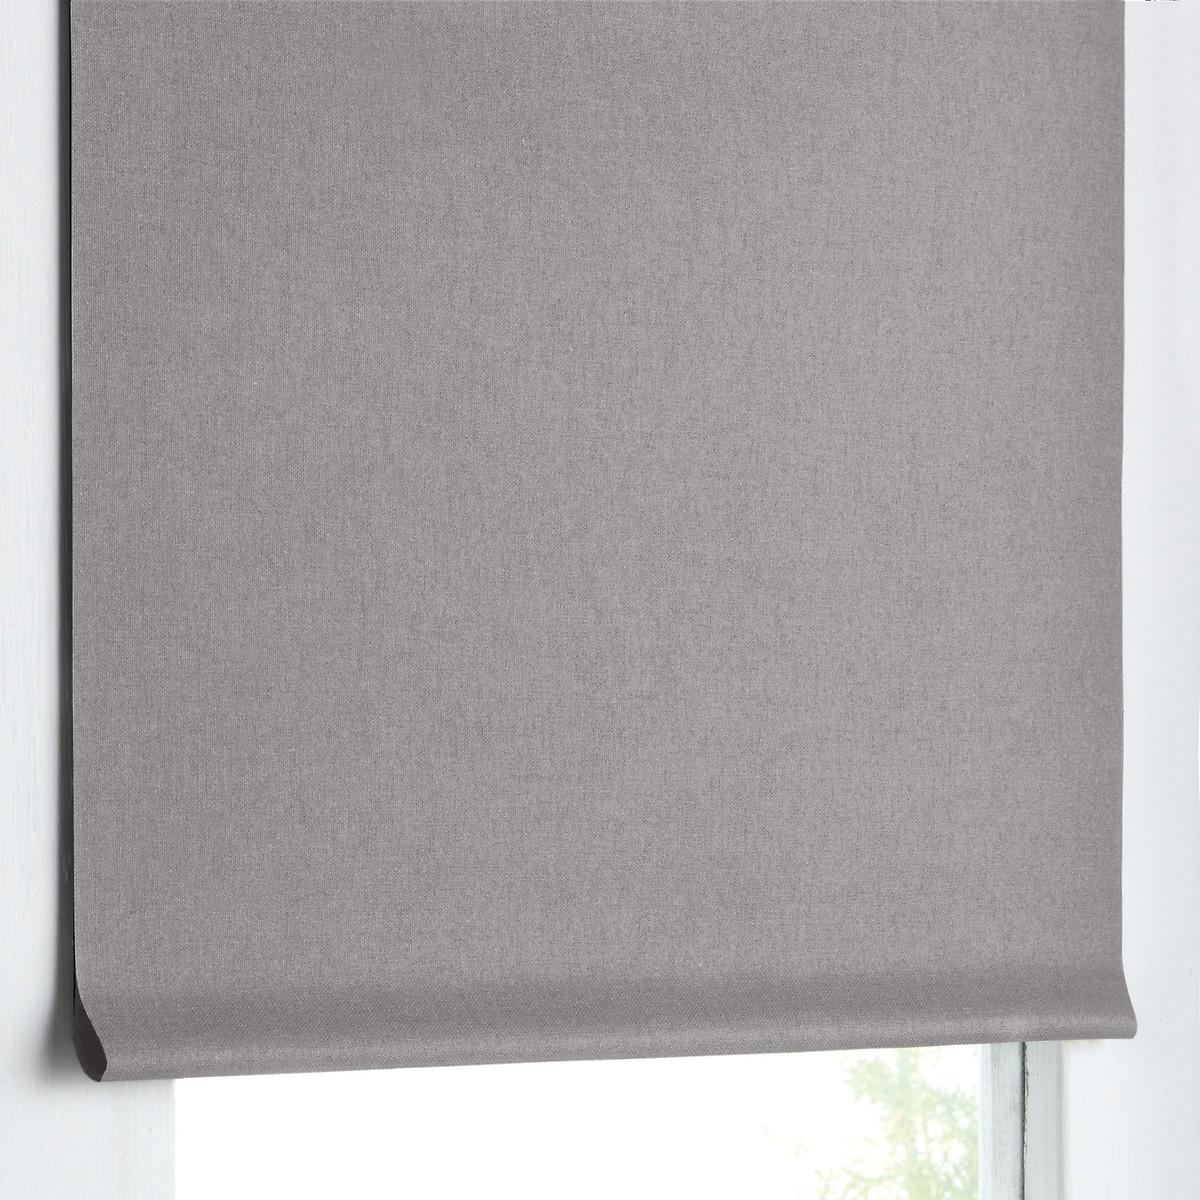 Штора LaRedoute Римская затемняющая 100 хлопок 170 x 37 см серый